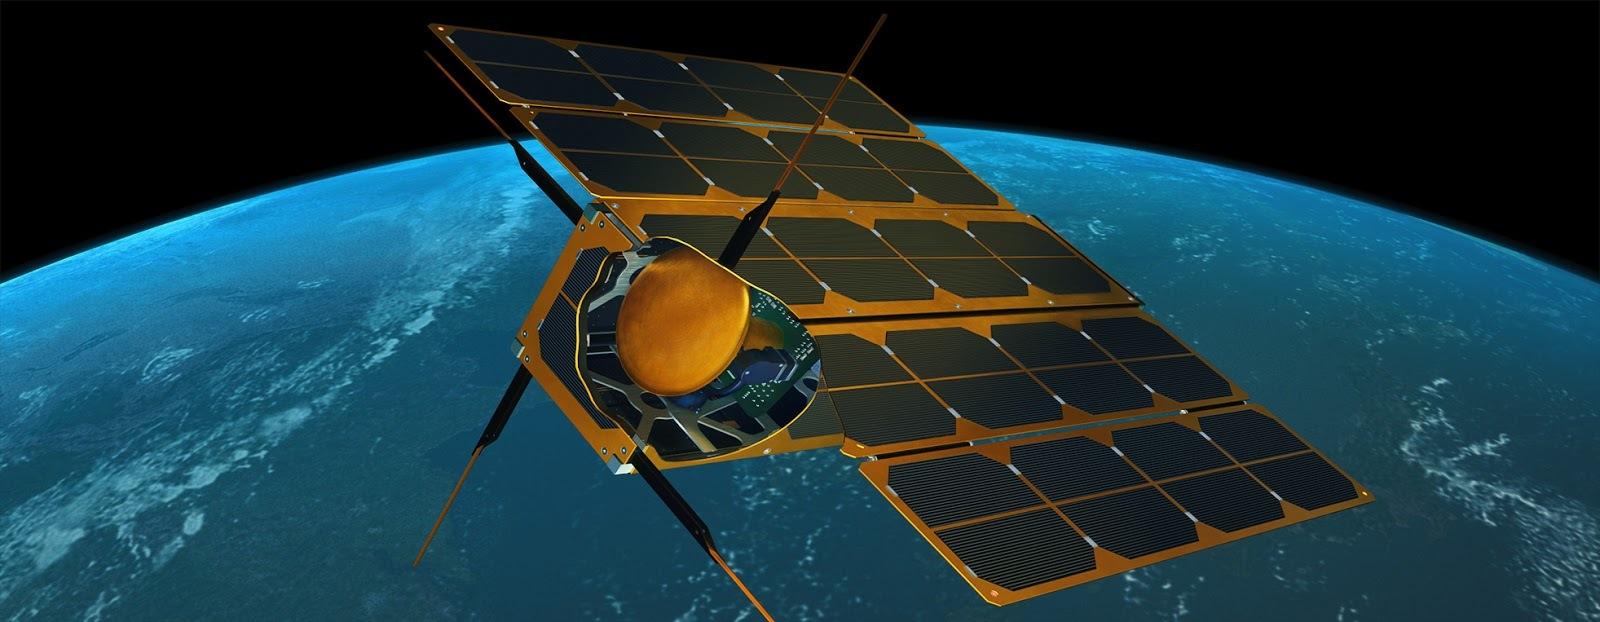 Двигатель EmDrive проверят в космосе - 2